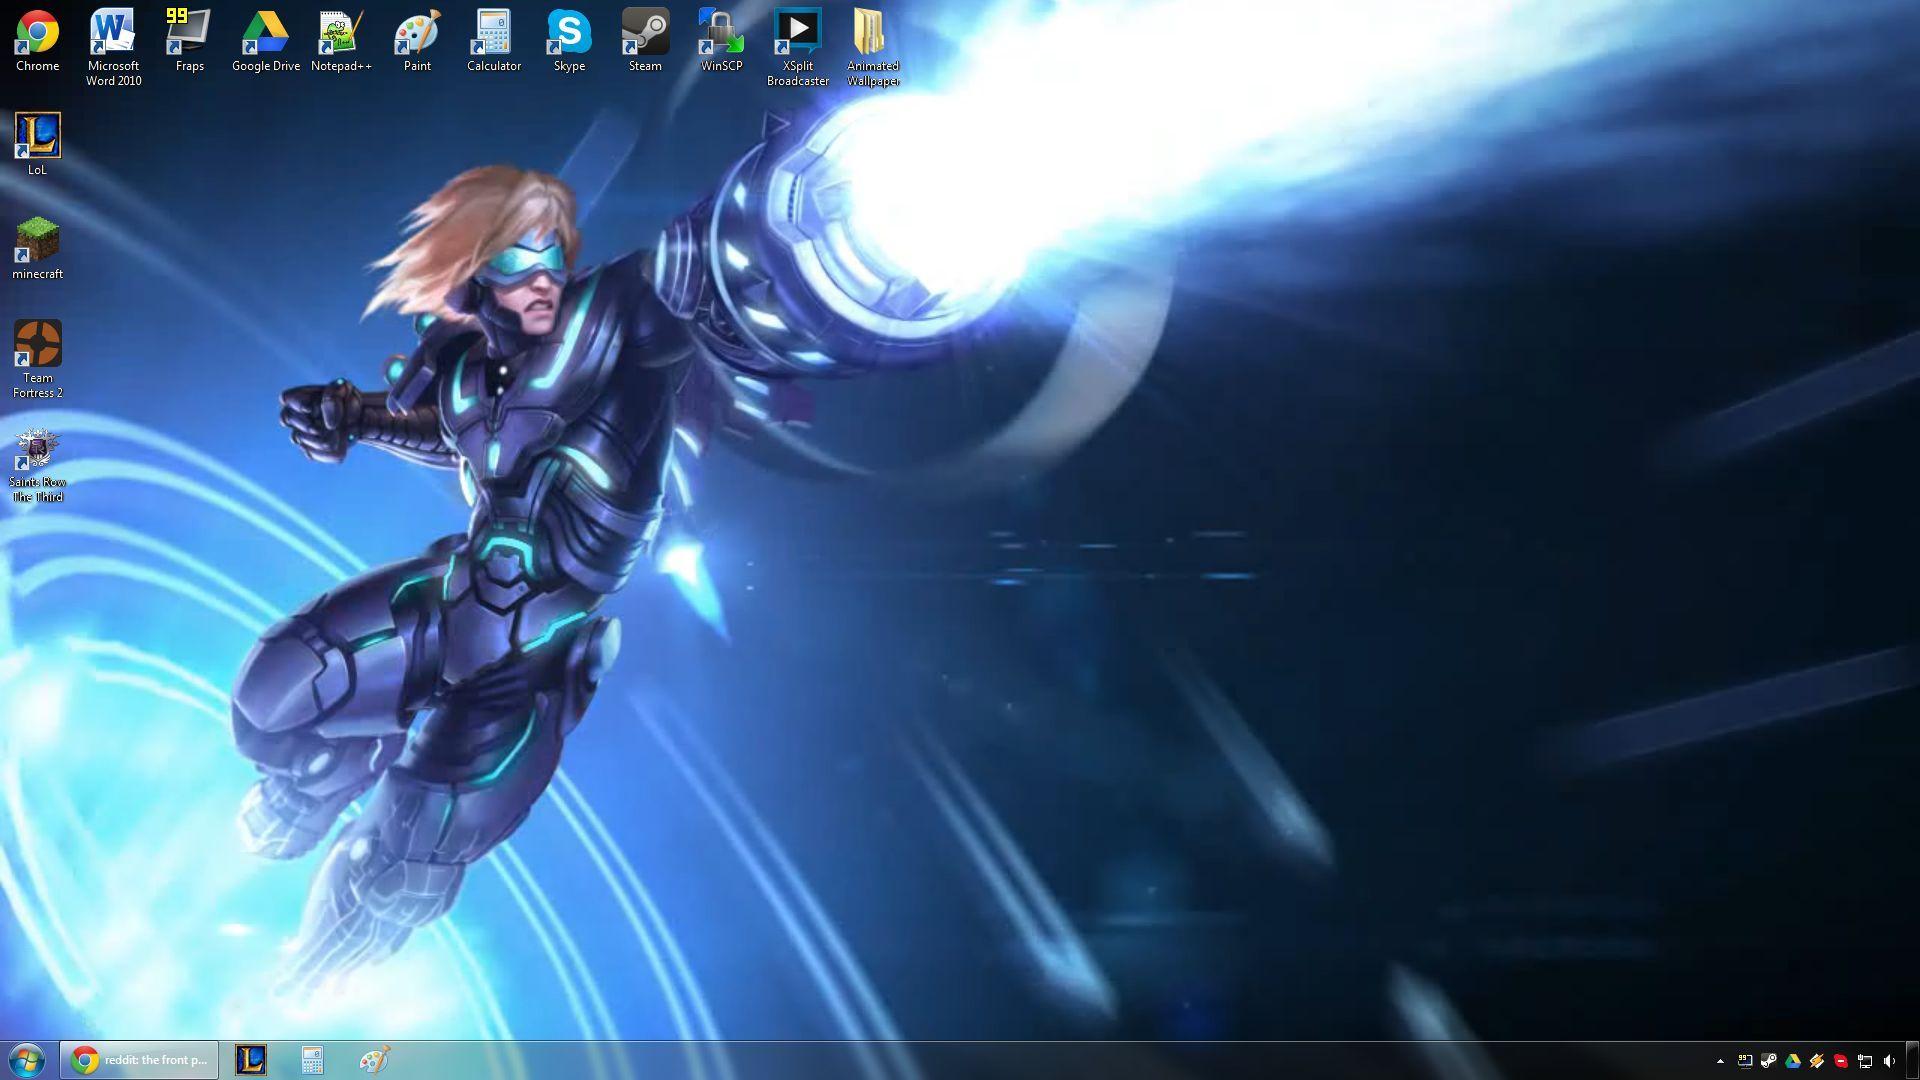 Inspiring League Of Legends Live Wallpaper Desktop ...